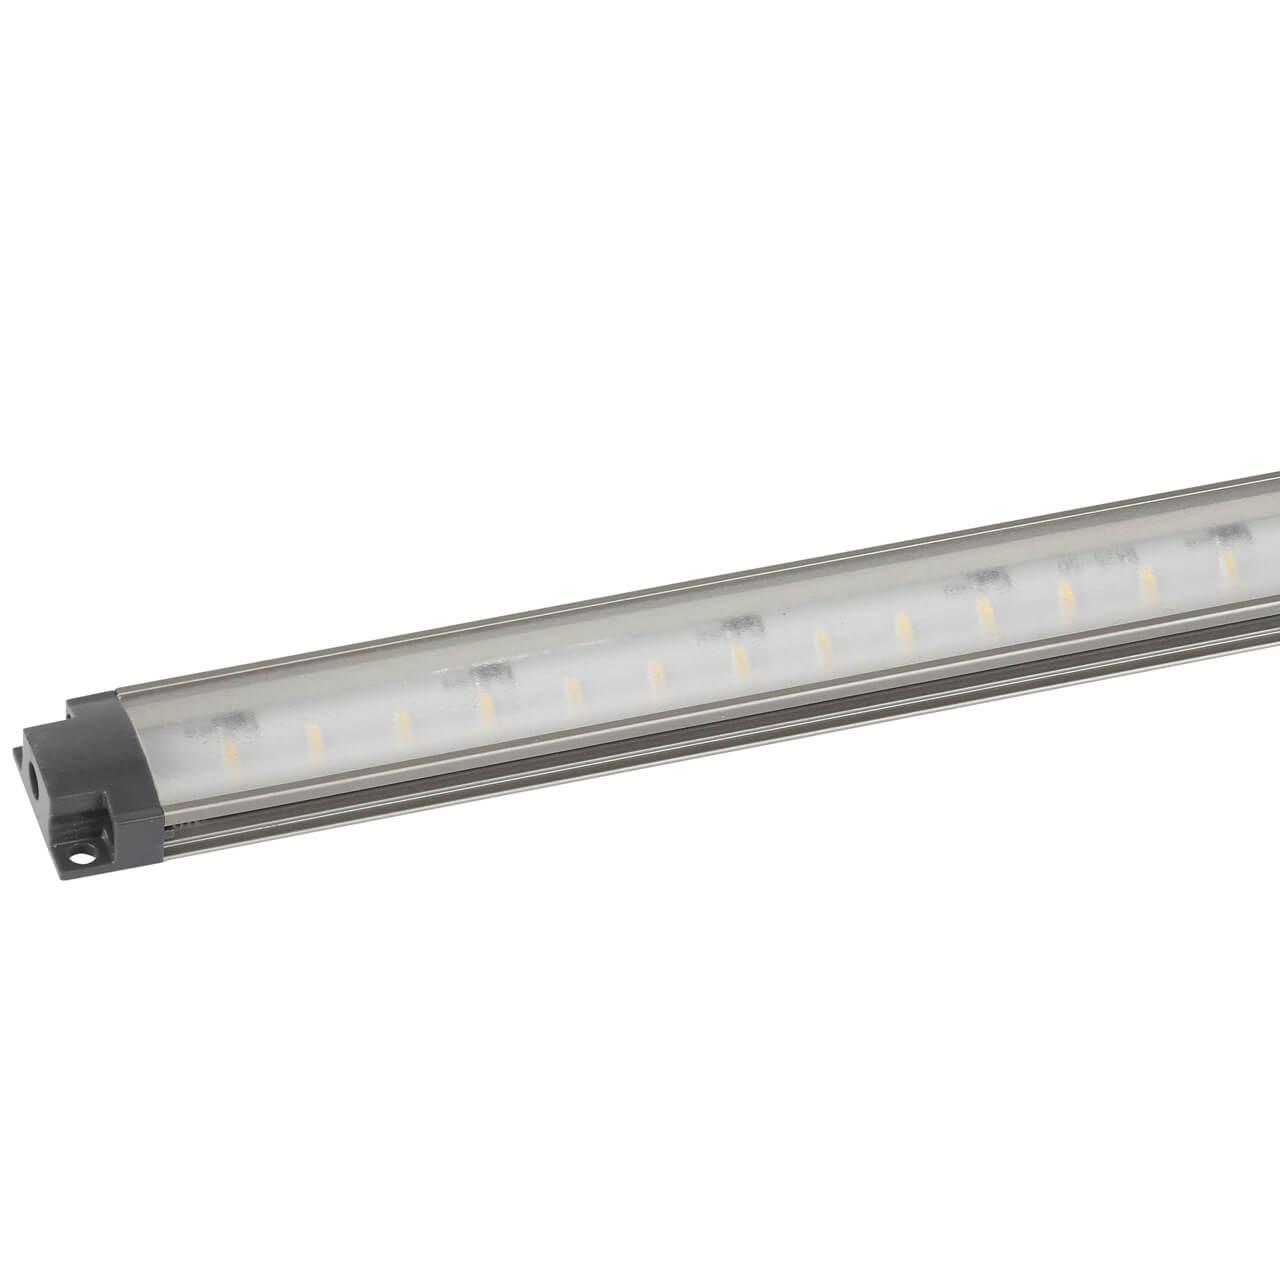 цена на Мебельный светодиодный светильник ЭРА LM-3-840-C3